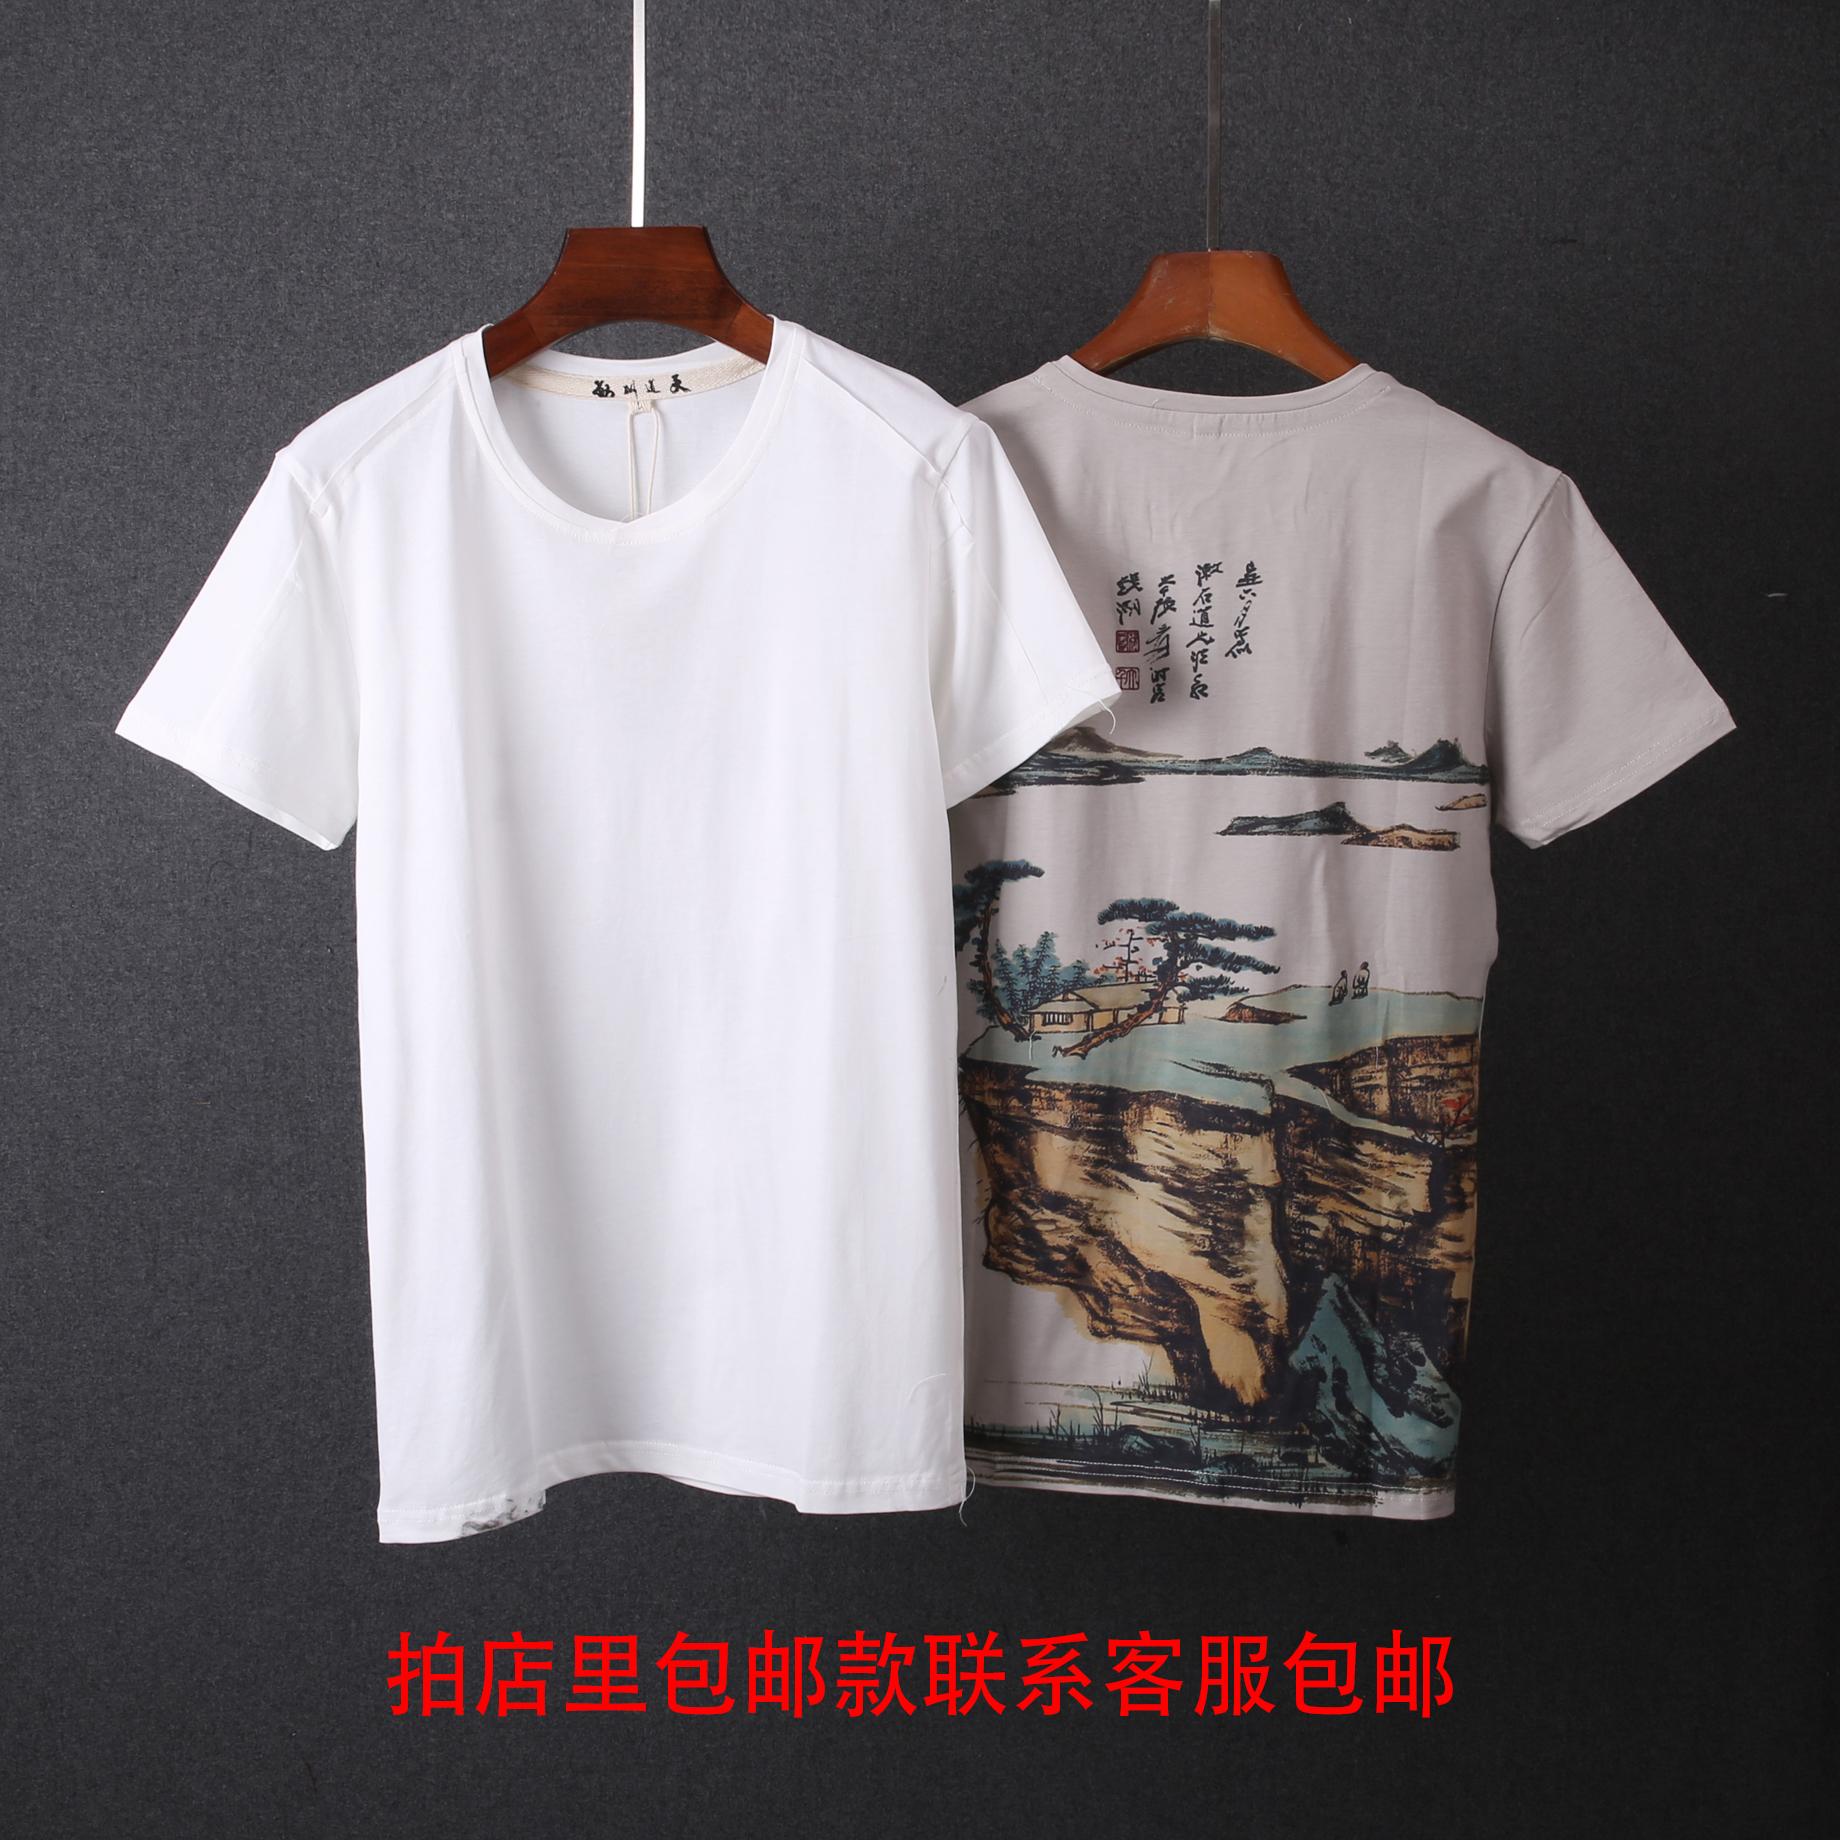 Của nam giới t-shirt ngắn tay retro phong cách Trung Quốc in ấn mùa hè mới Slim nam nửa tay áo áo triều 9110